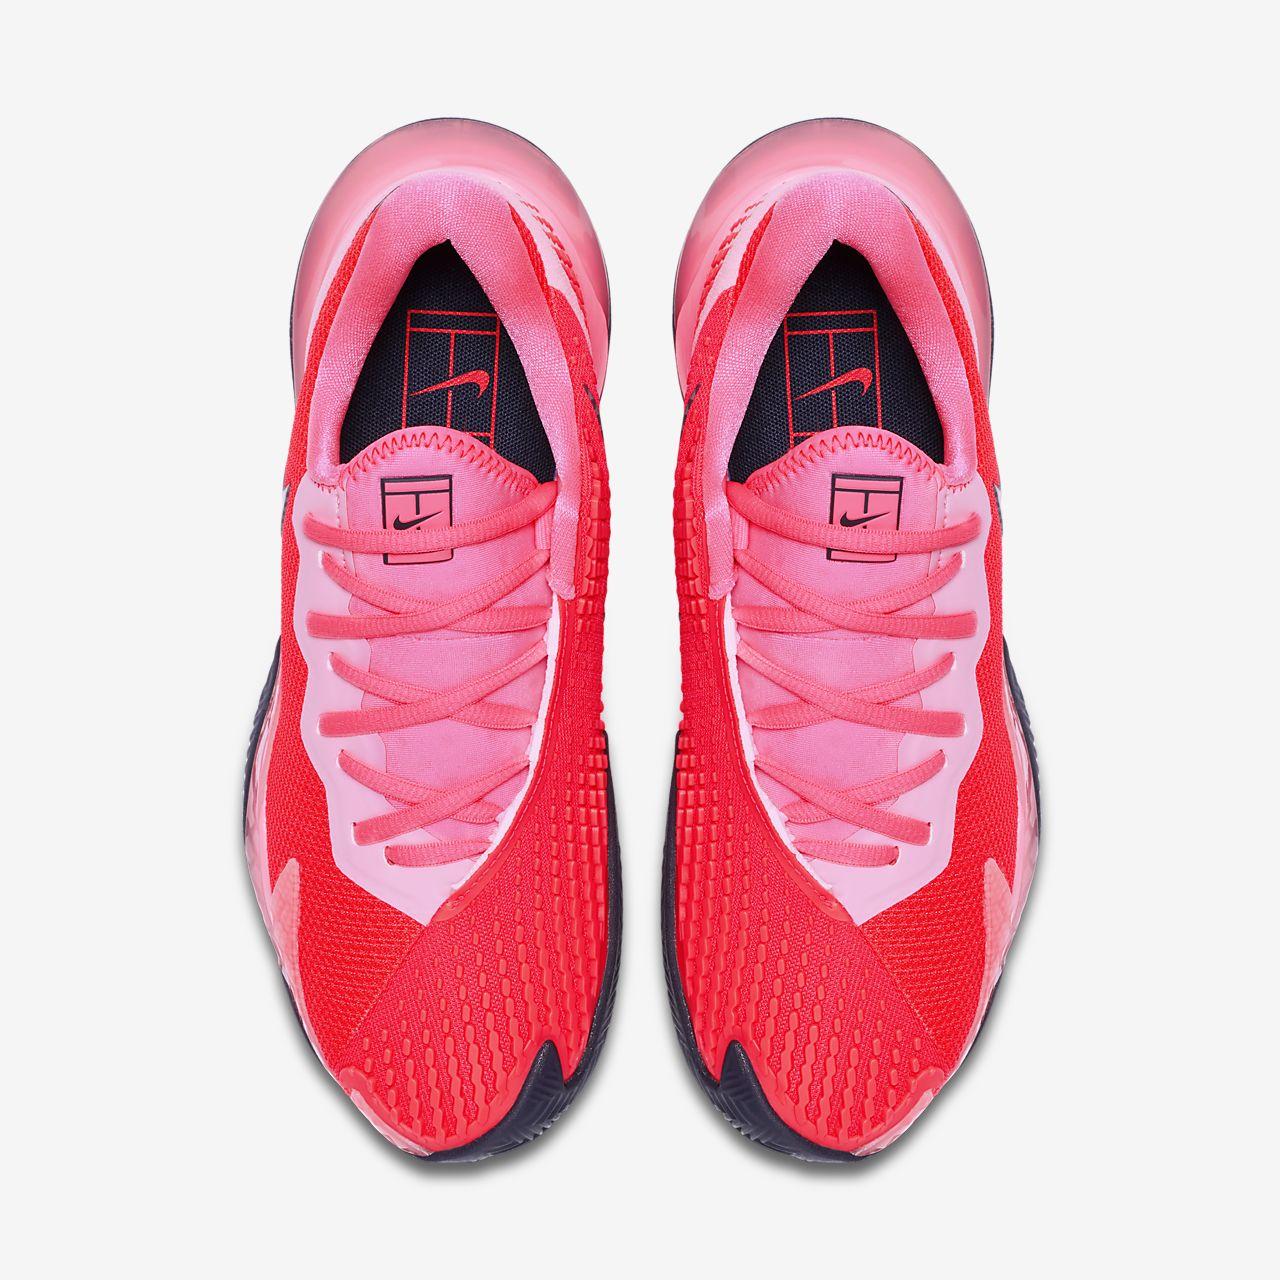 NikeCourt Air Zoom Vapor Cage 4 Zapatillas de tenis para tierra batida Mujer